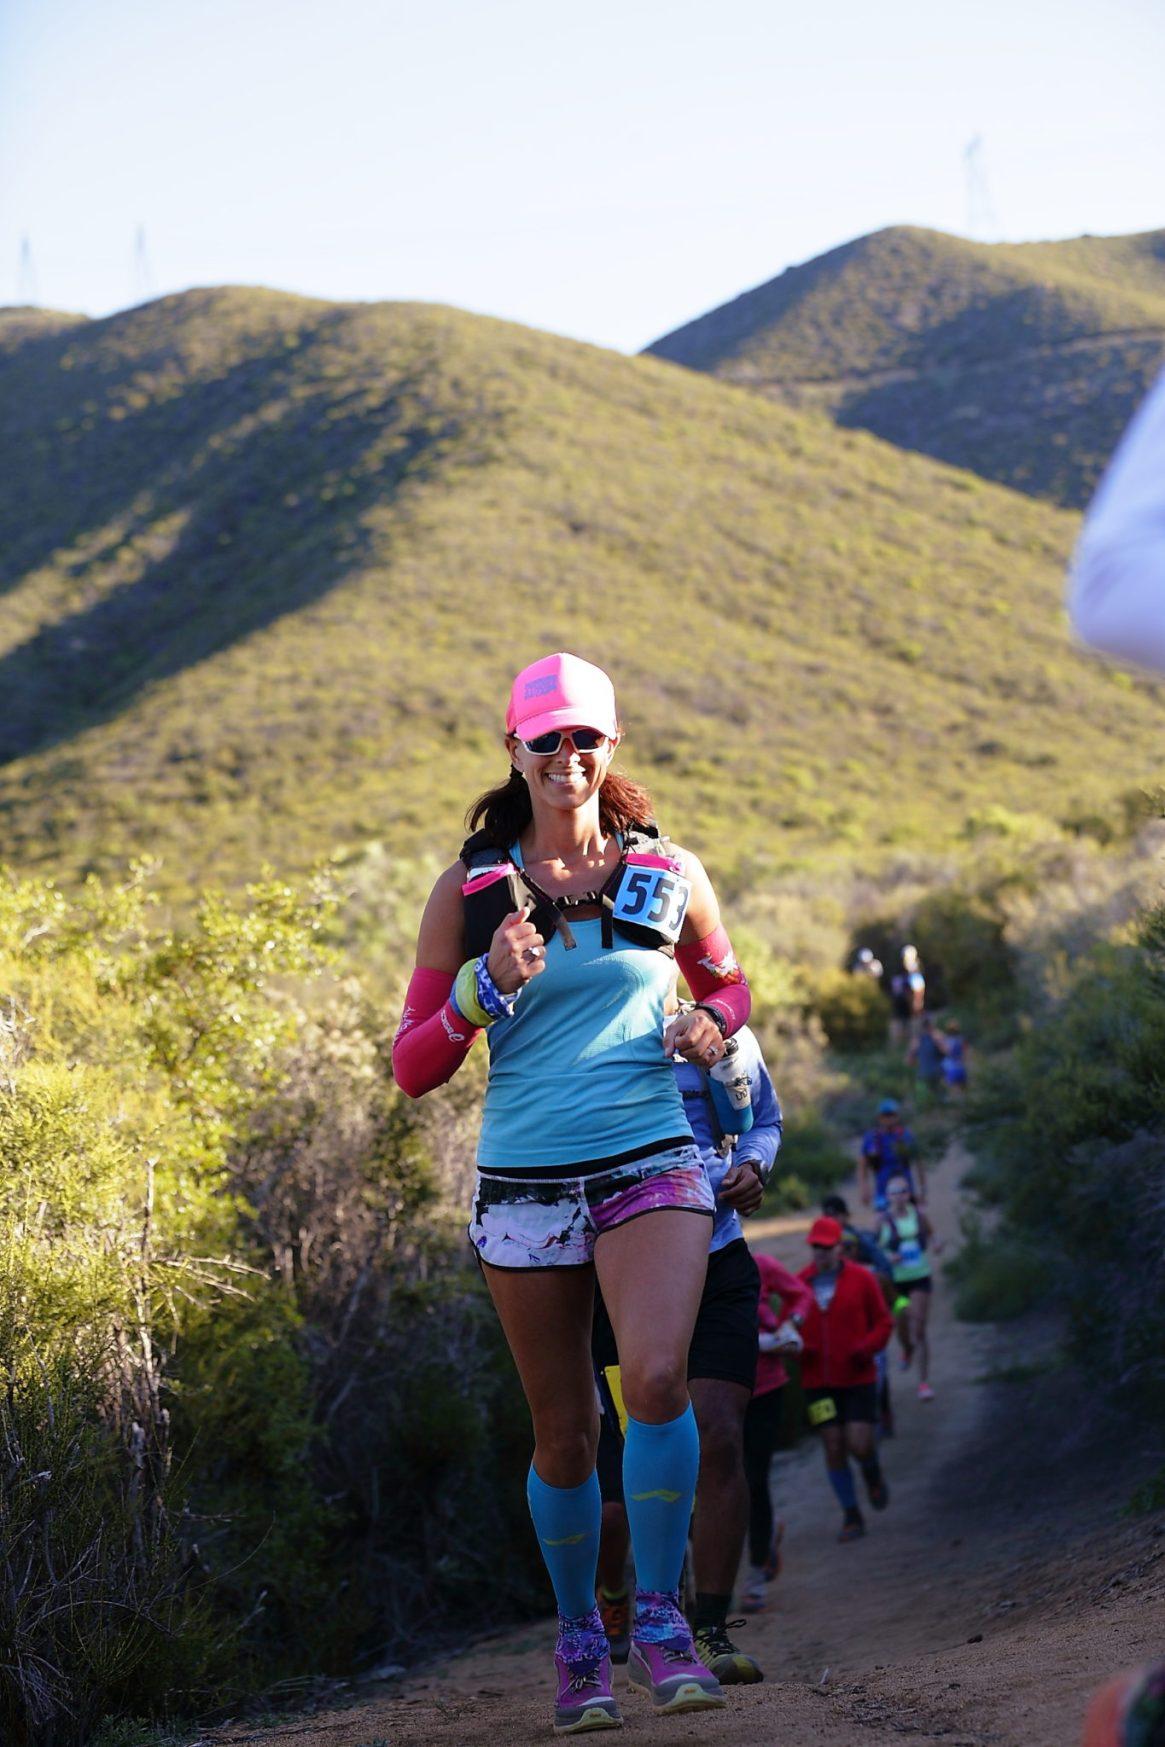 Paksit Photo, Runner girl, Leona Divide, 50k, Running 4 those who can't, lululemon, xx2i